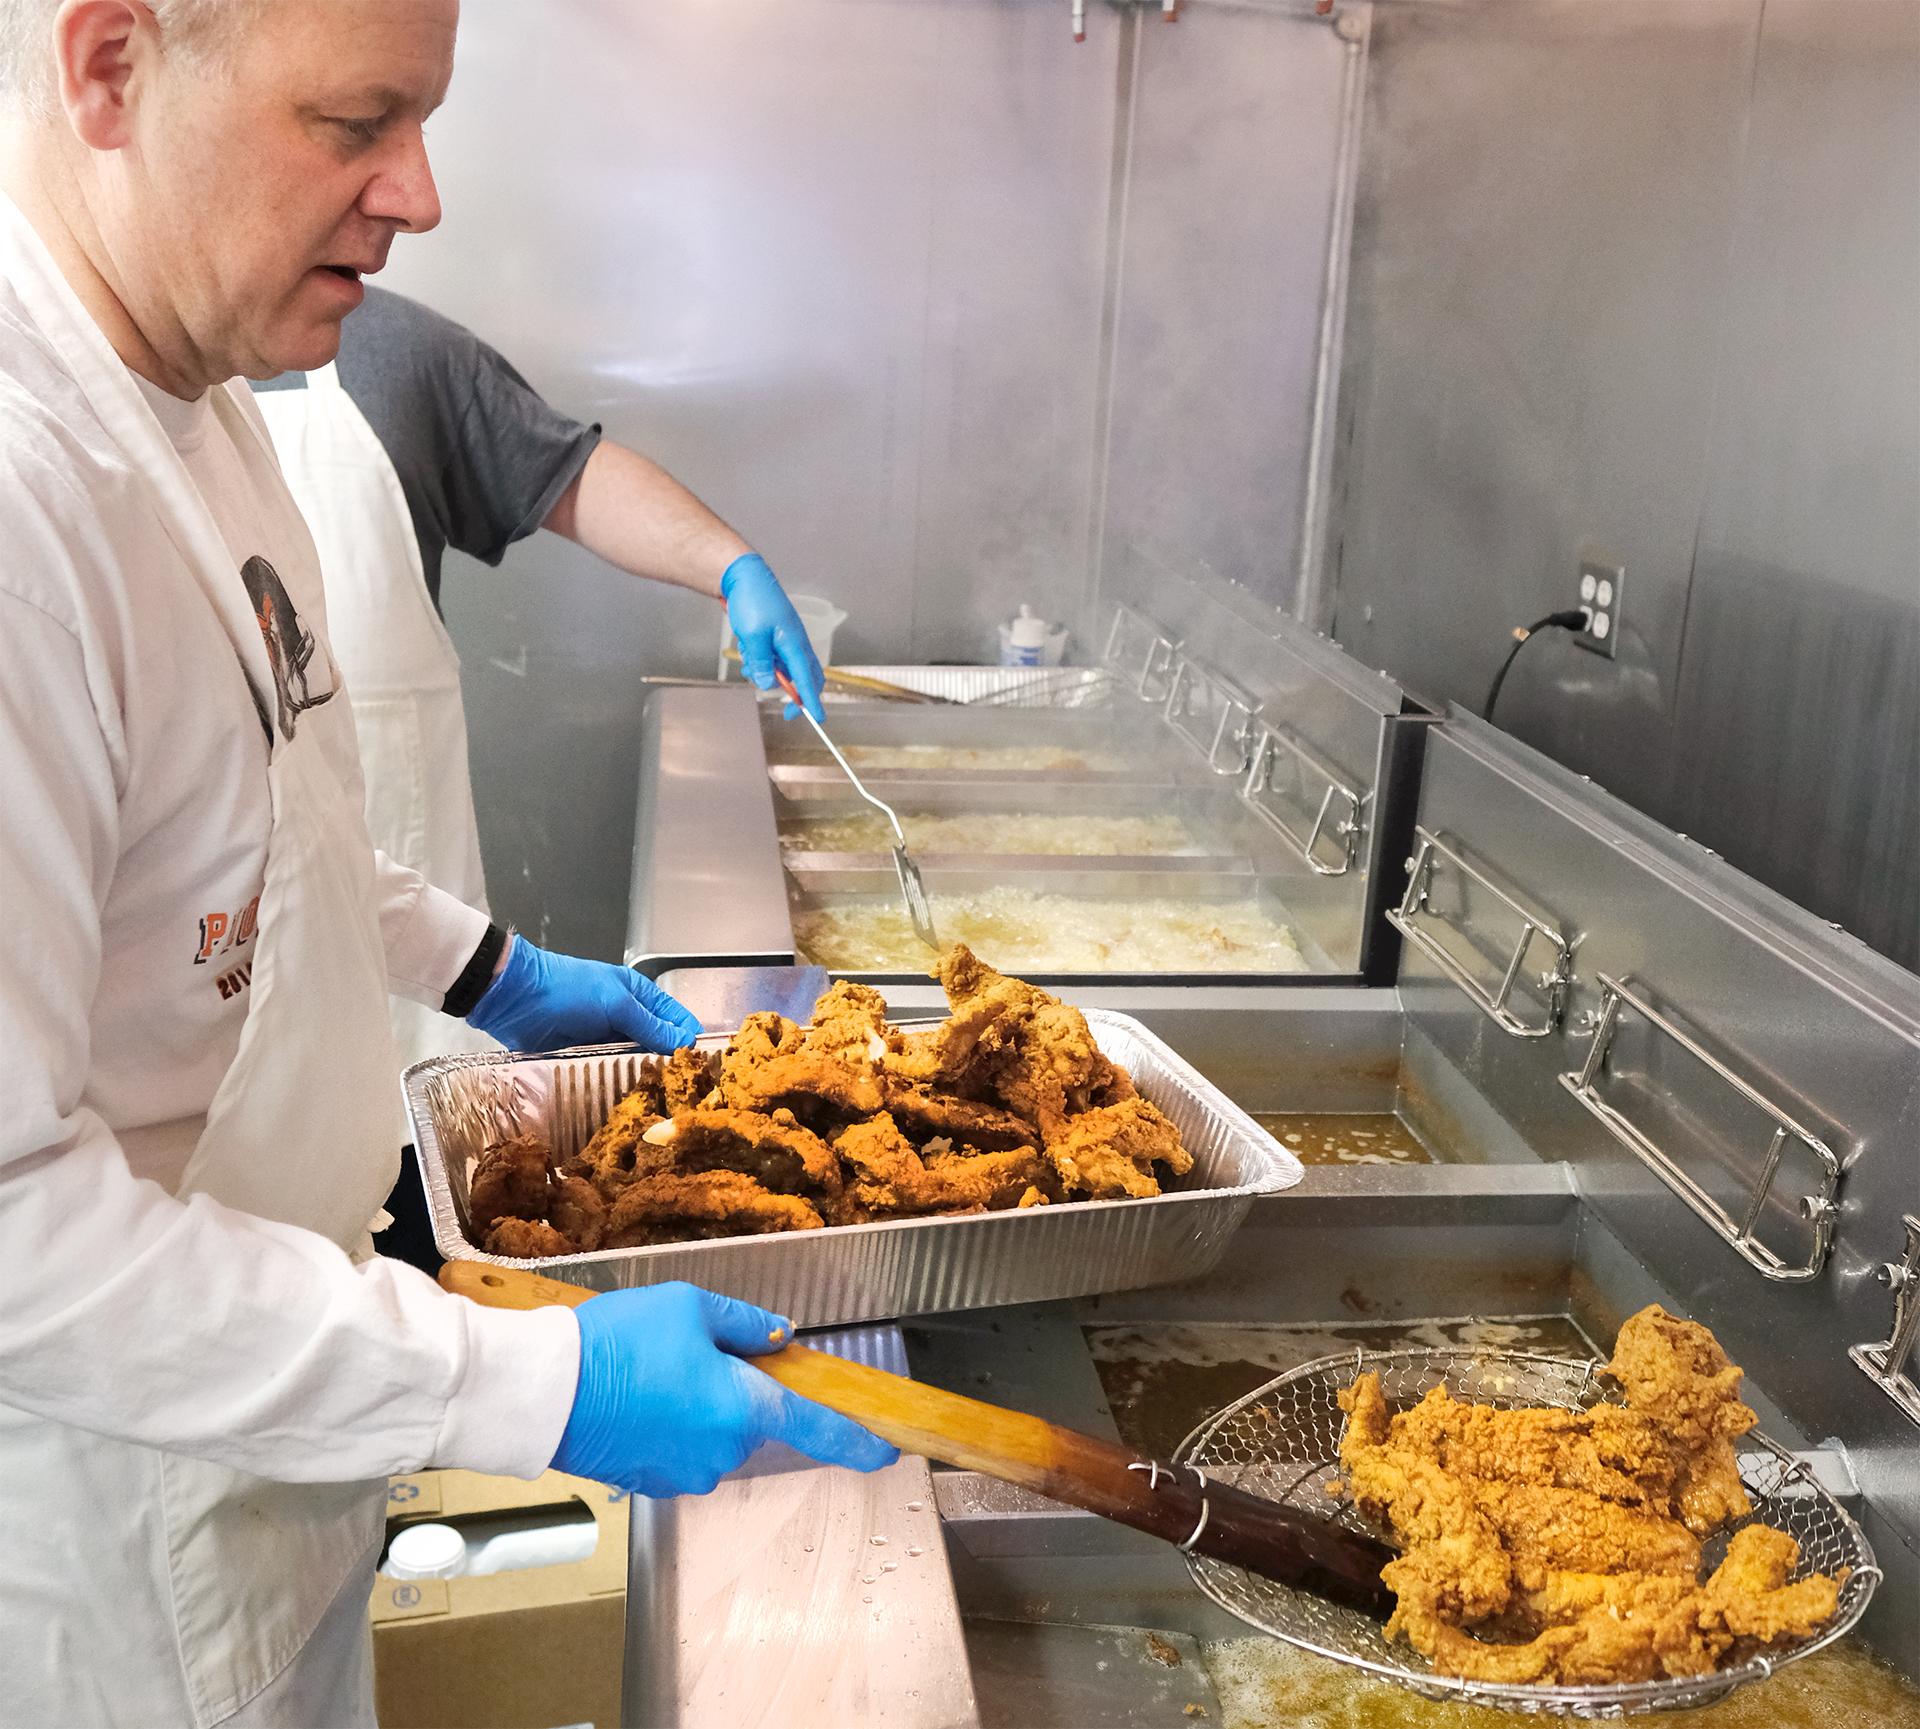 Steve Dethlefs drains a basket of hot fried fish.